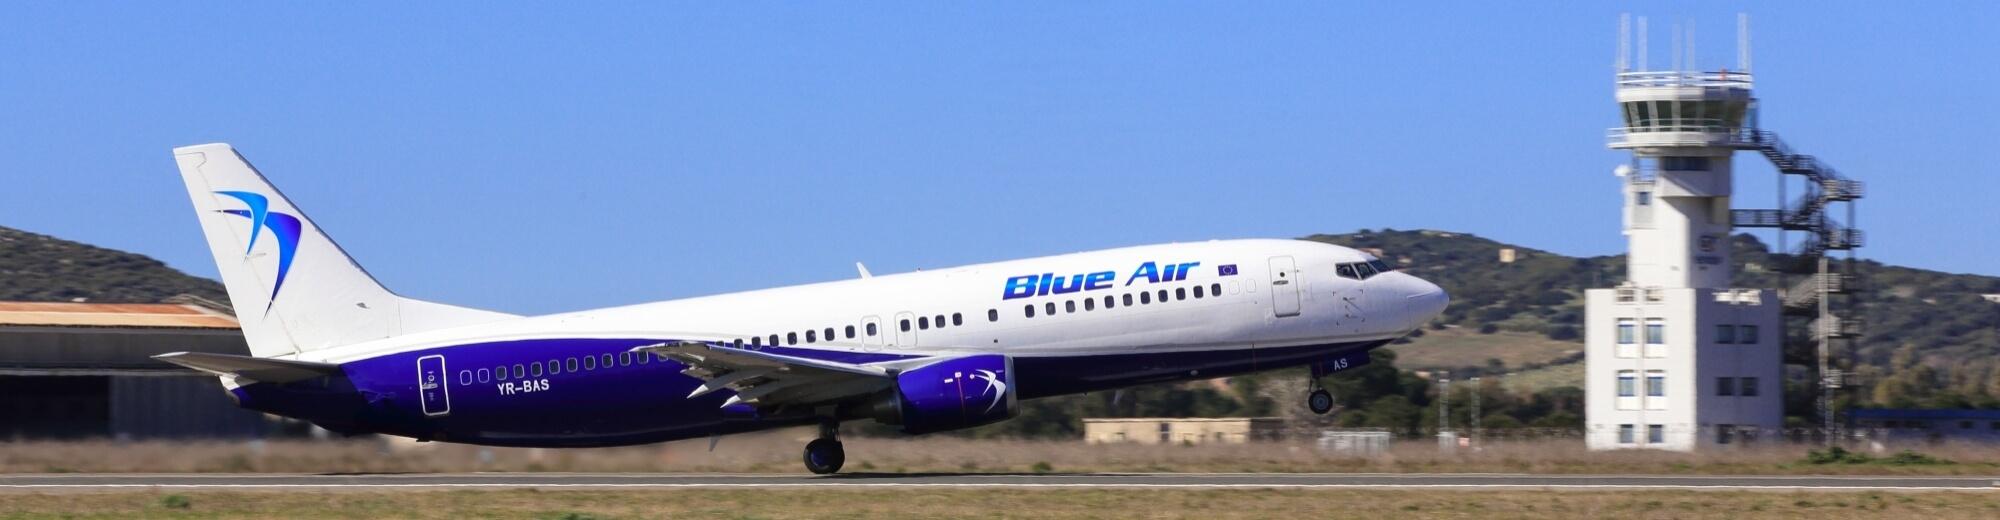 Blueair Aeroporto di Alghero